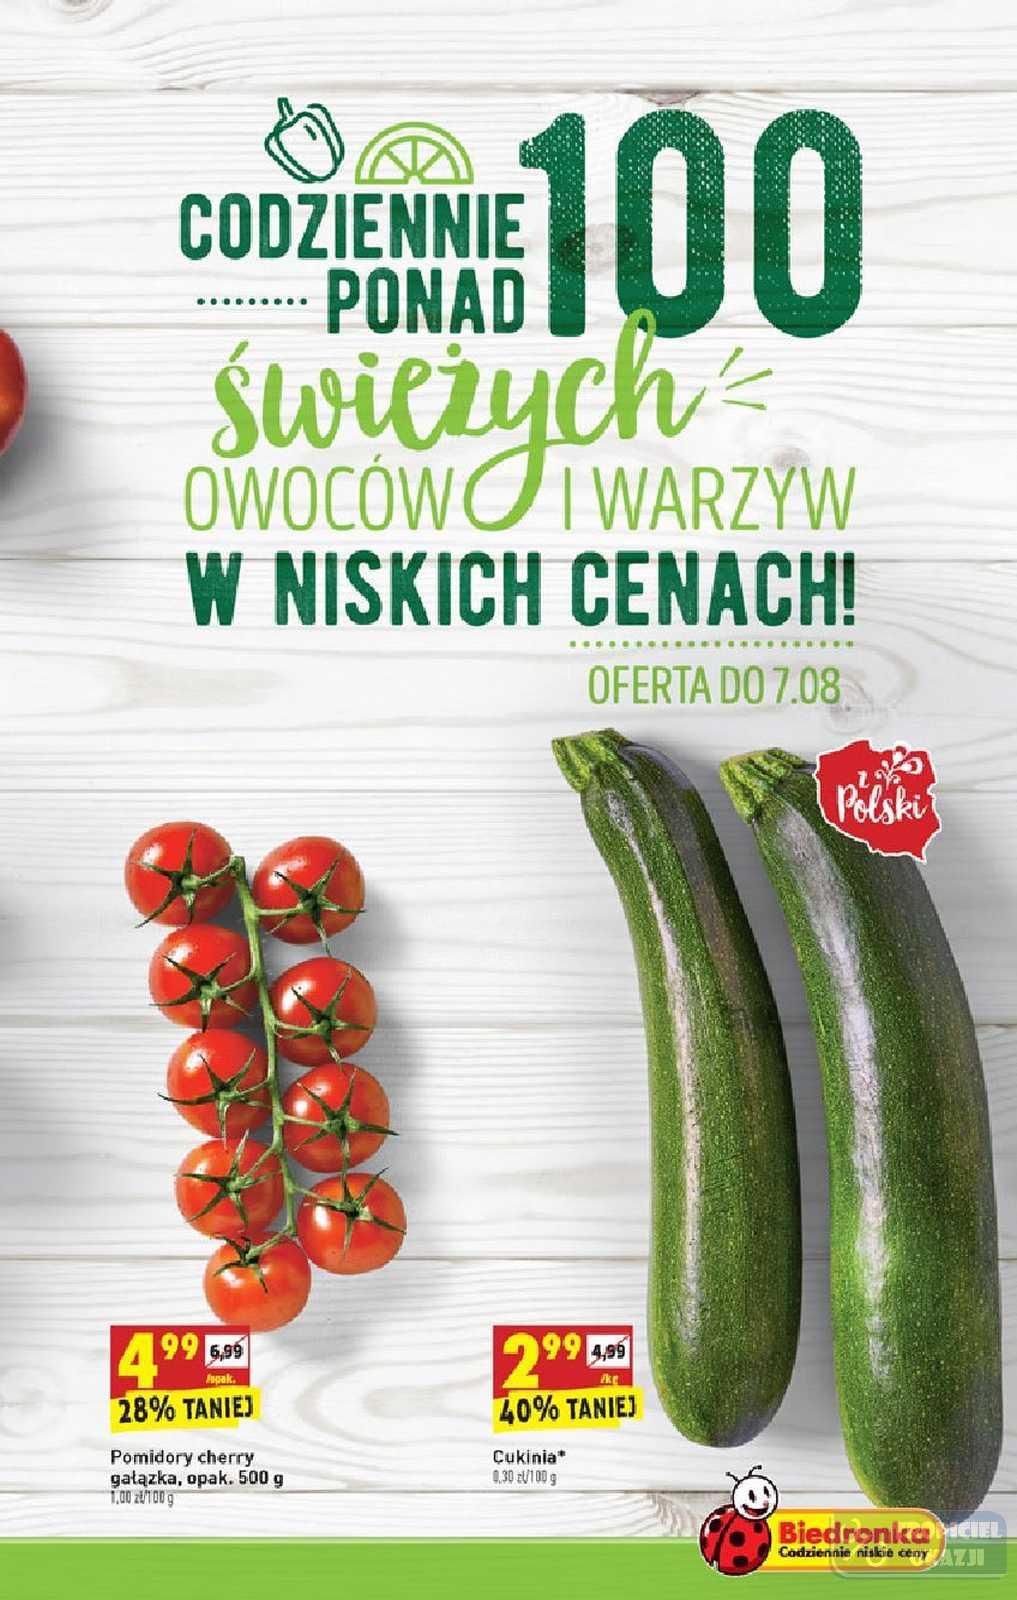 Gazetka promocyjna Biedronka do 10/08/2019 str.8